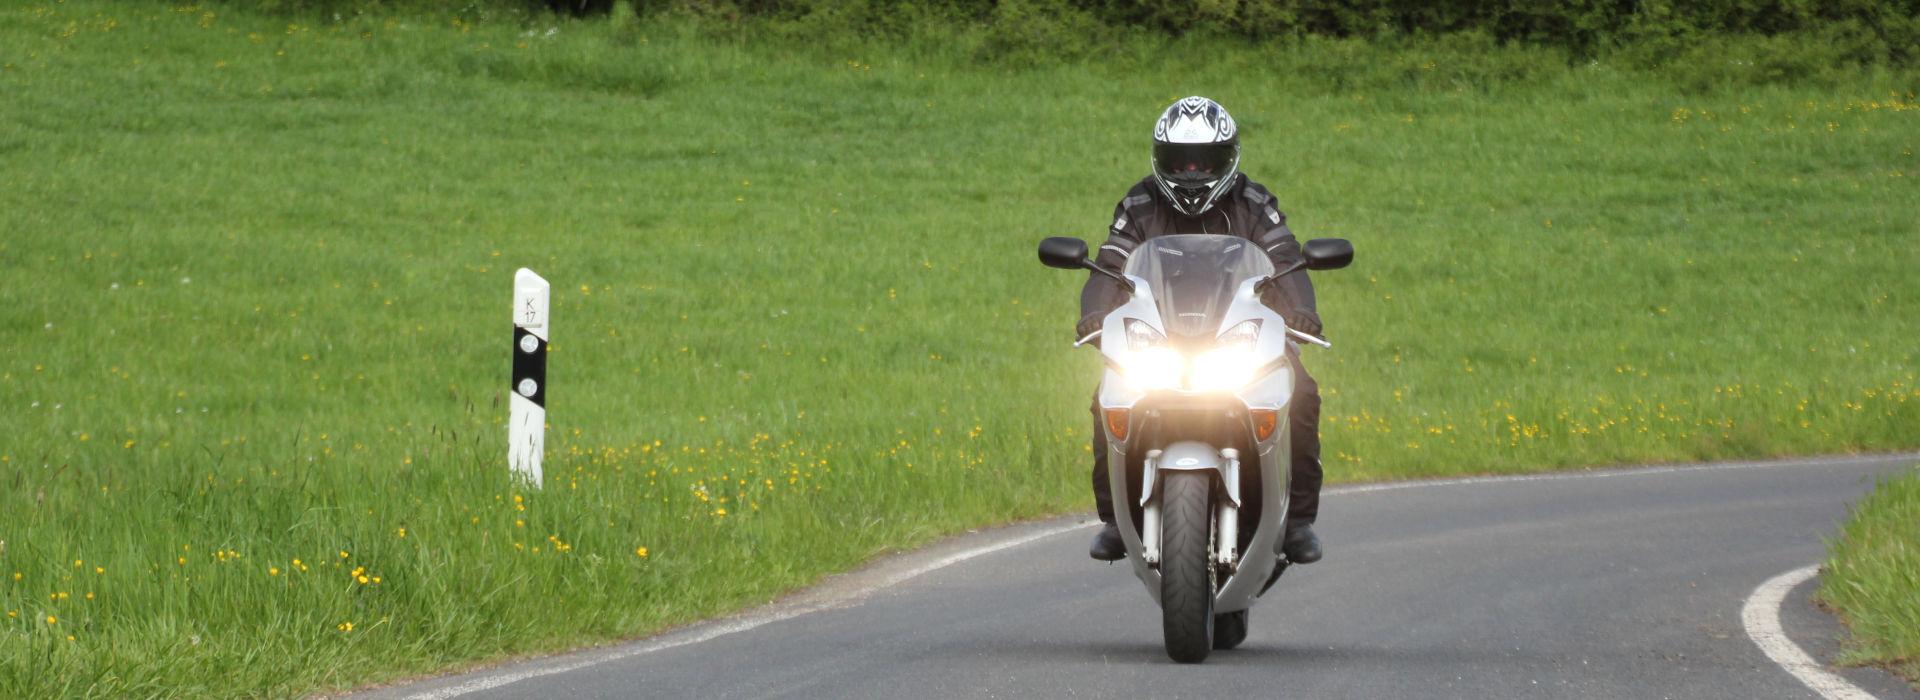 Motorrijbewijspoint Mijdrecht spoed motorrijbewijs